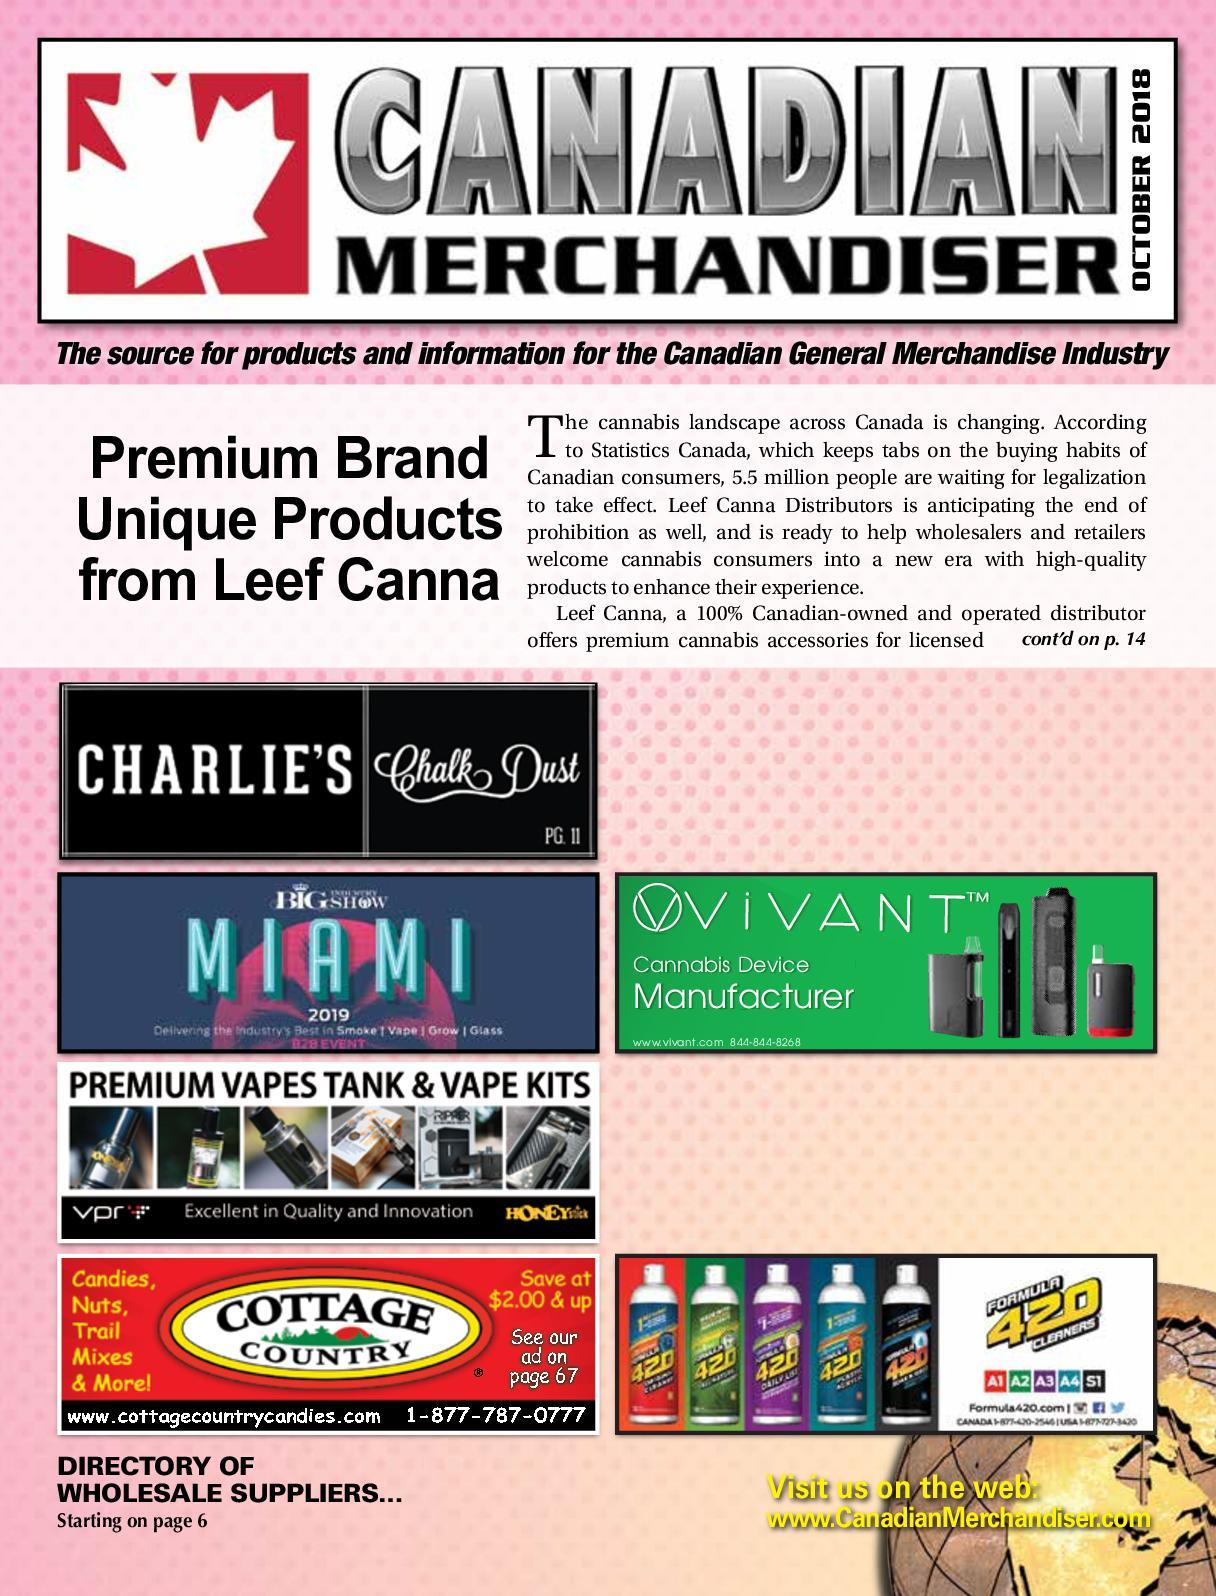 Calamo Canadian Merchandiser Oct2018 Speaker Vertigo Vt 65 B